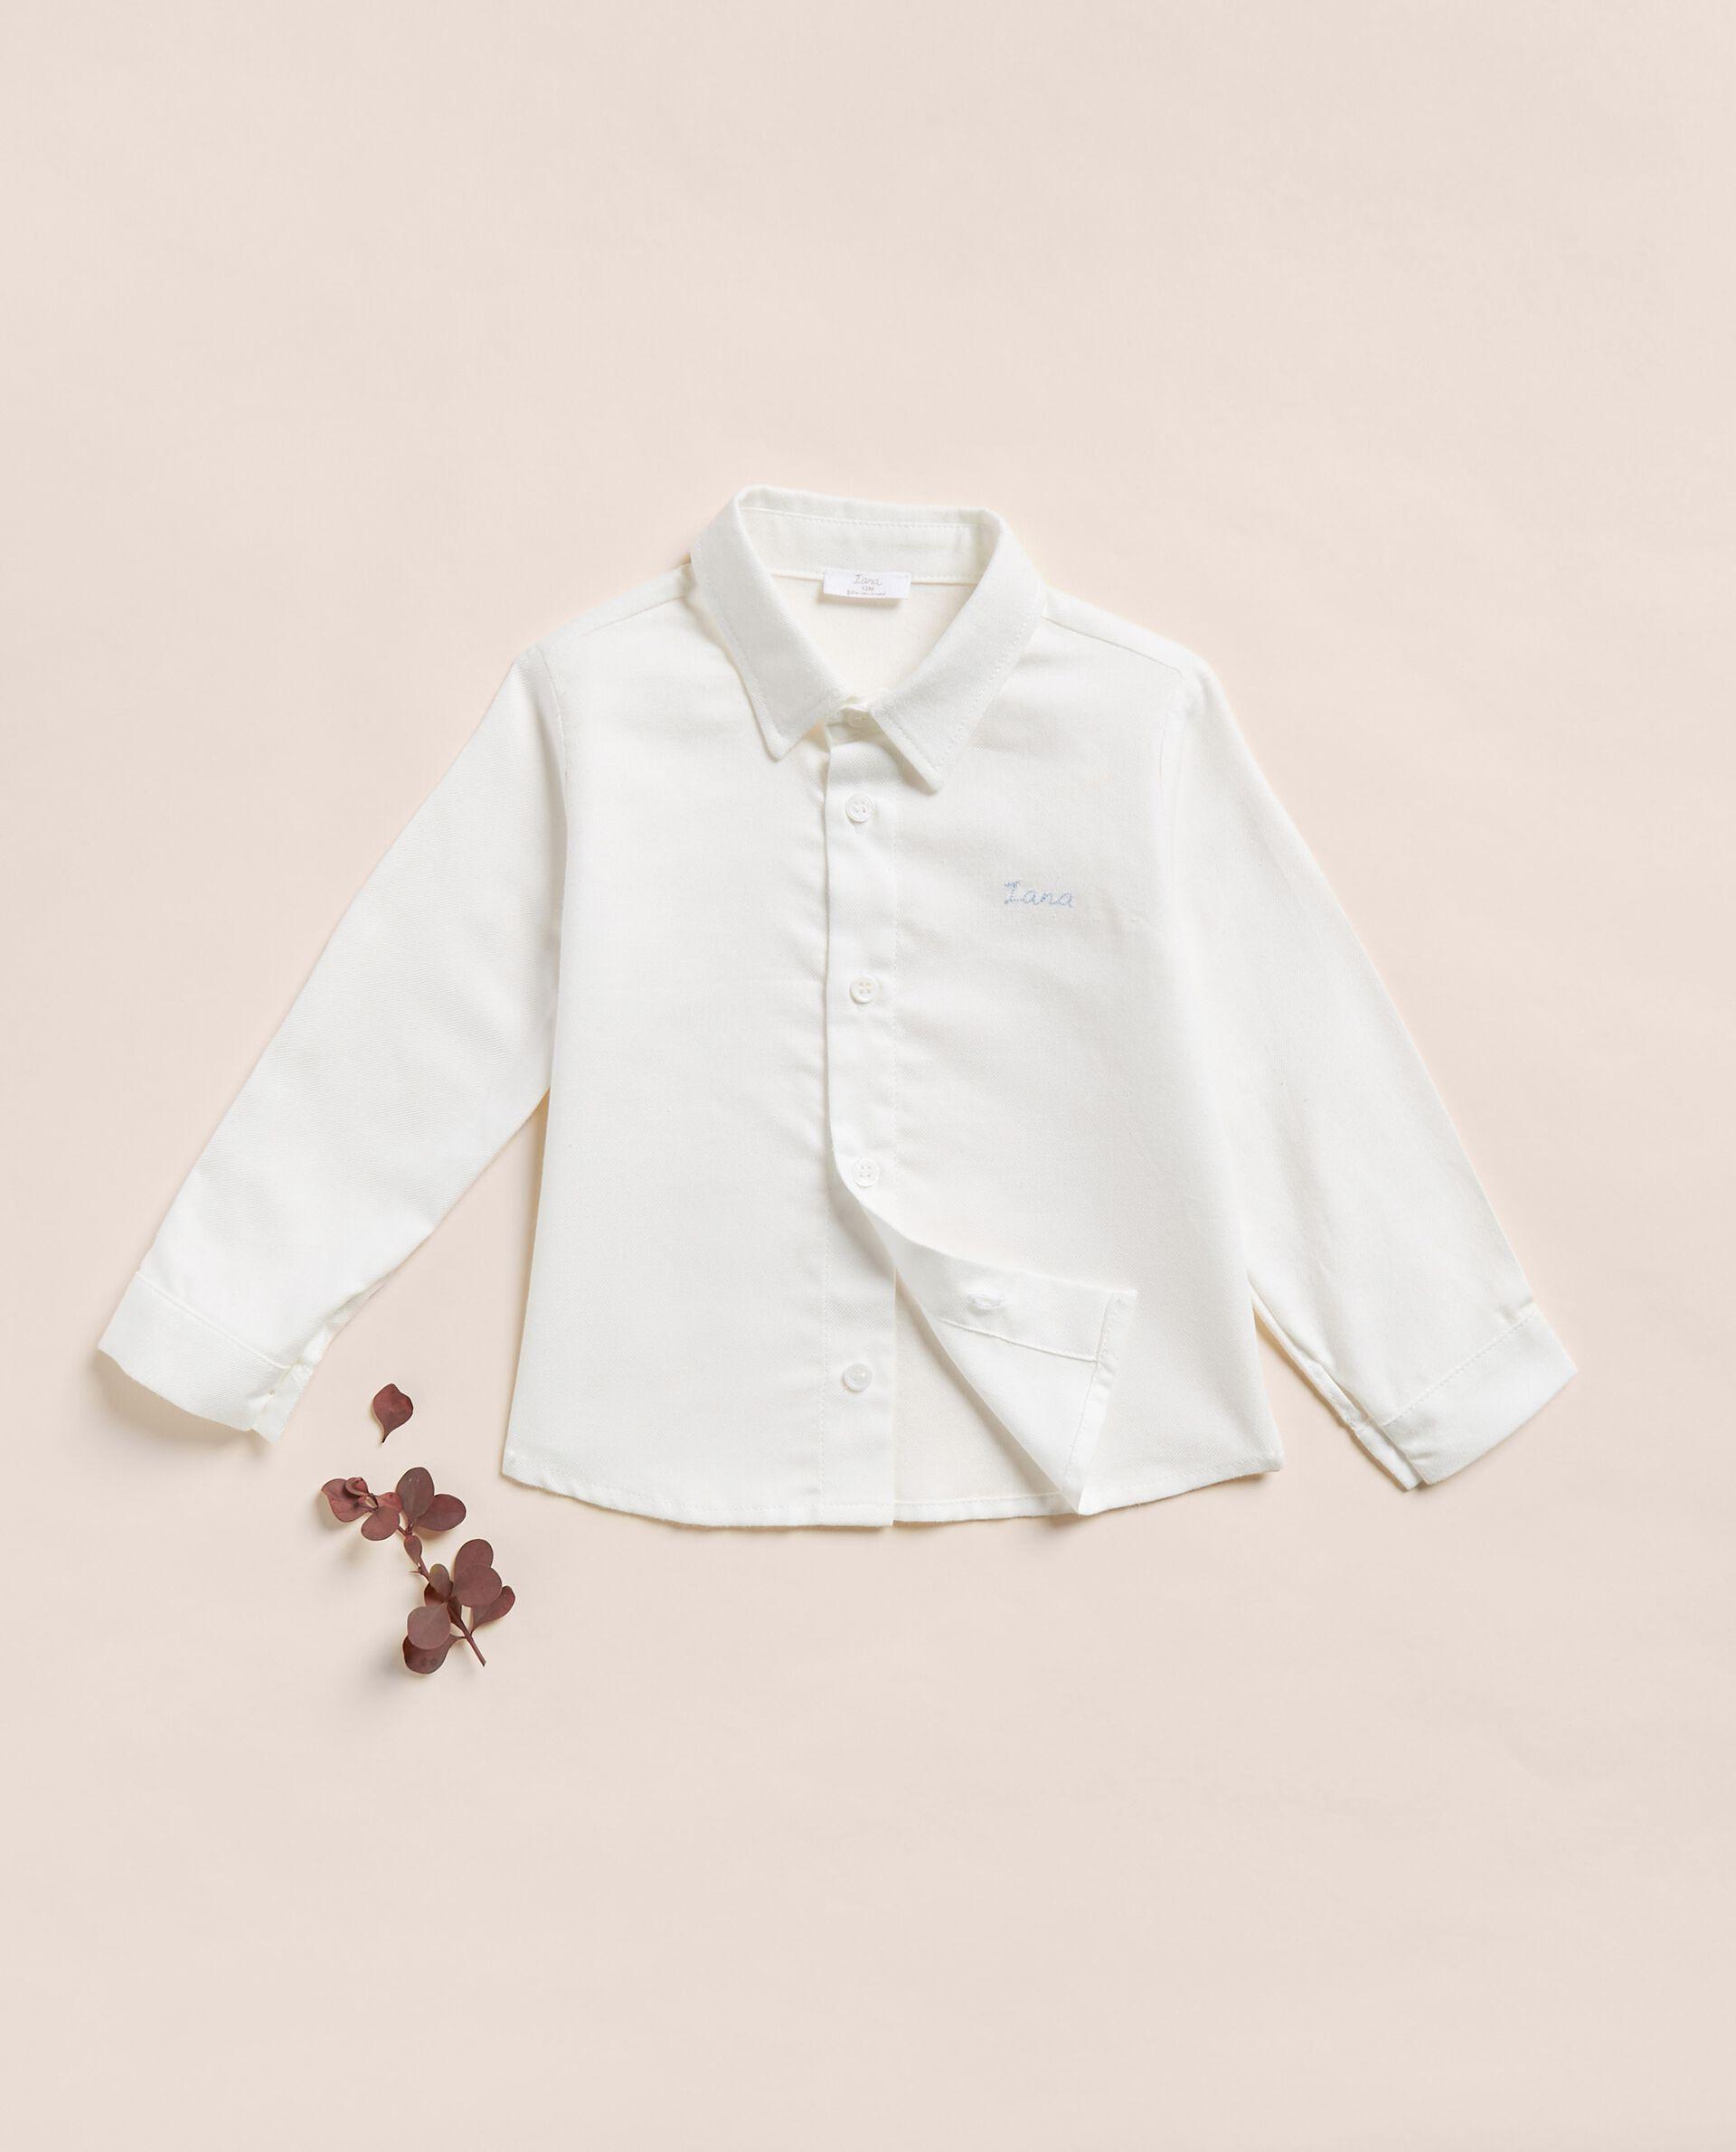 Camicia a maniche lunghe in cotone misto modal neonato IANA Made in Italy